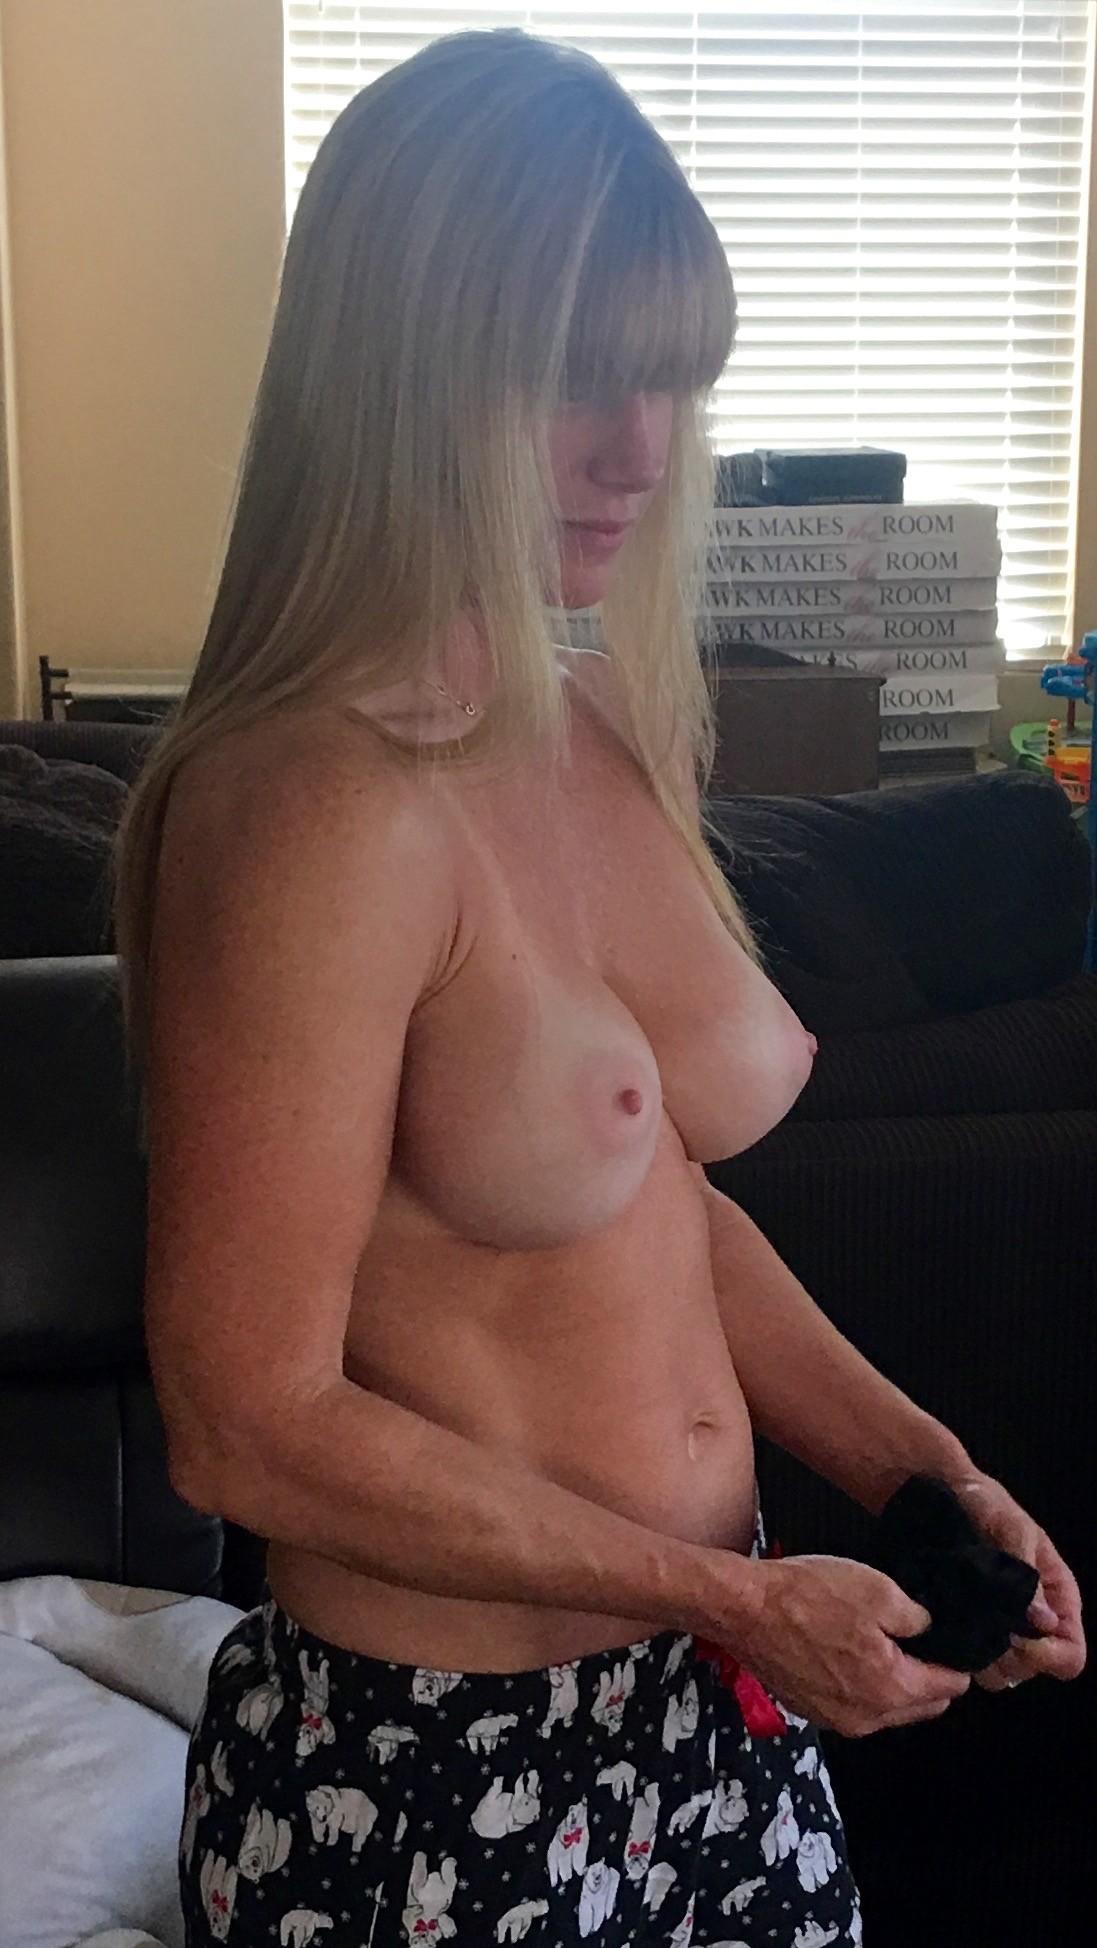 Моя сексуальная жена часто позирует и сосет у меня